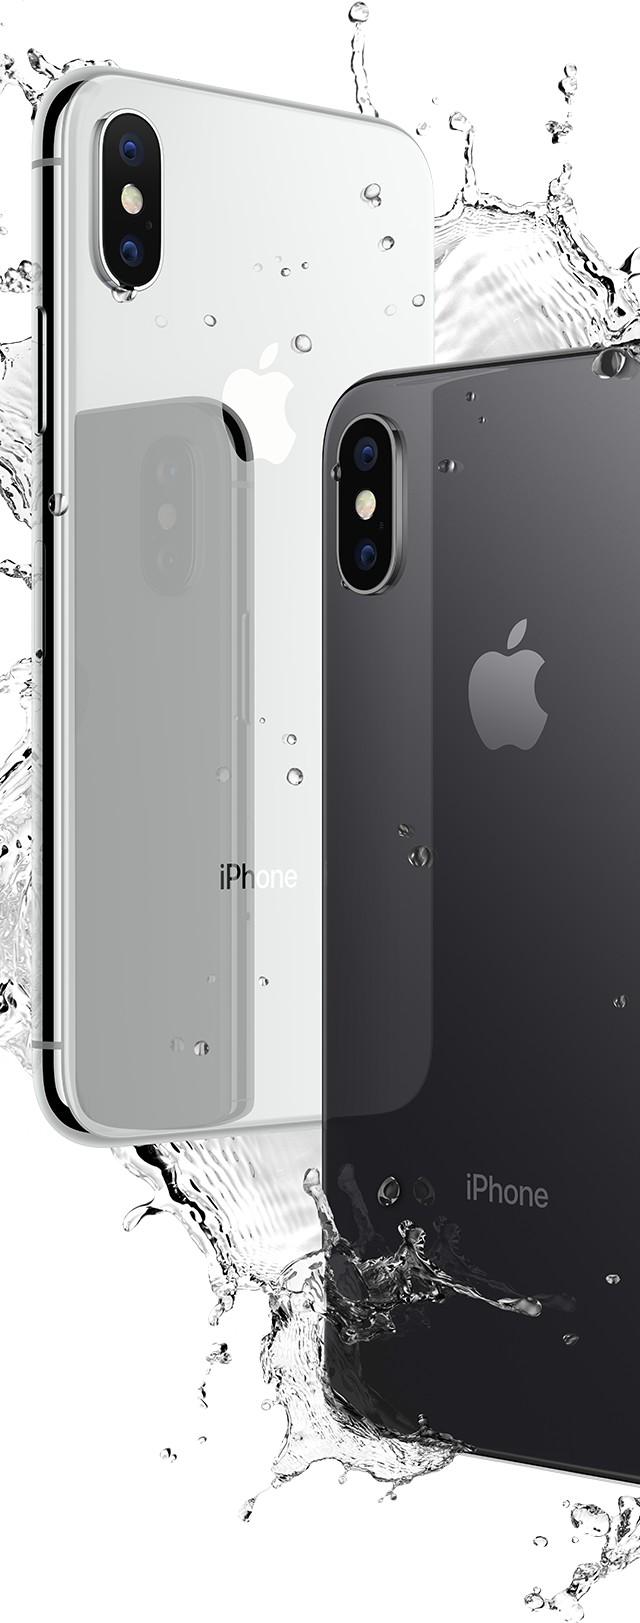 iPhone X シルバー、スペースグレイが水をはじいている画像